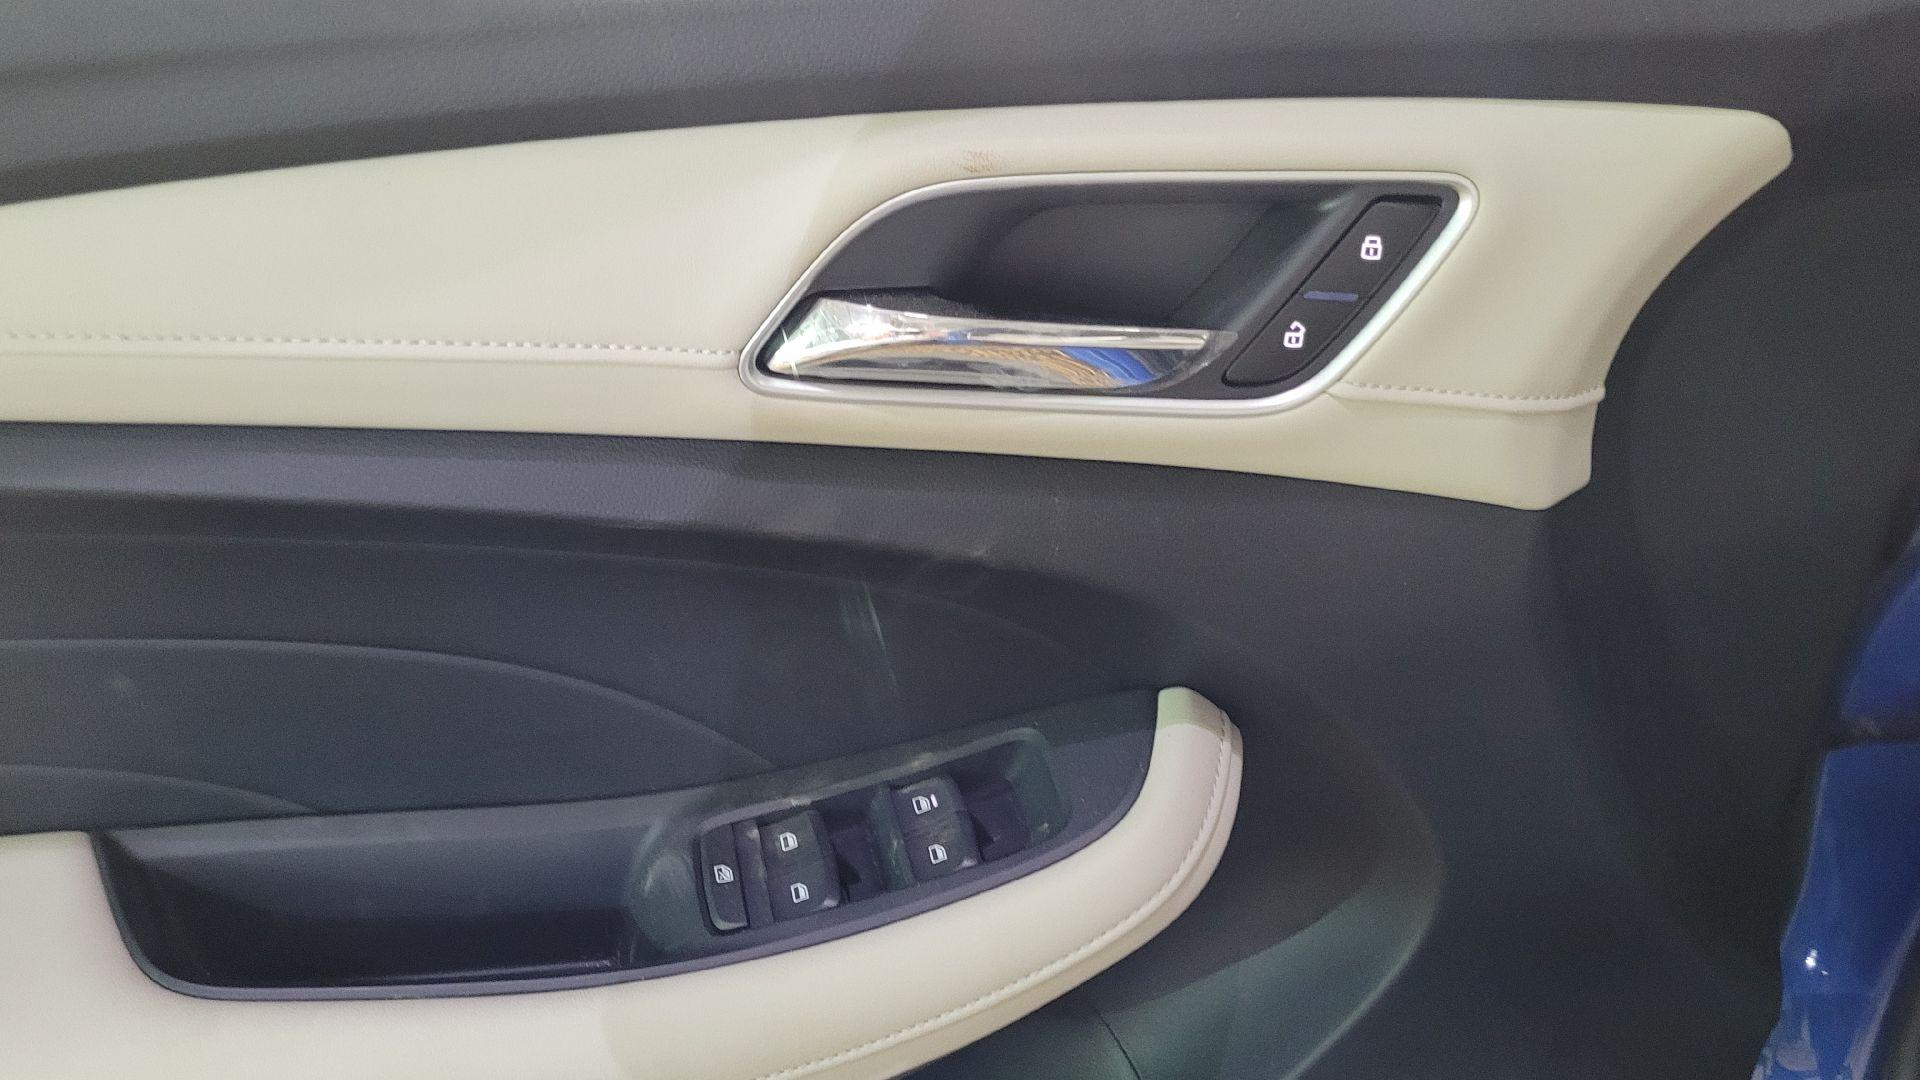 مباع - MG 5 ستاندر STD سعودي 2021 جديد للبيع في الرياض - السعودية - صورة كبيرة - 10